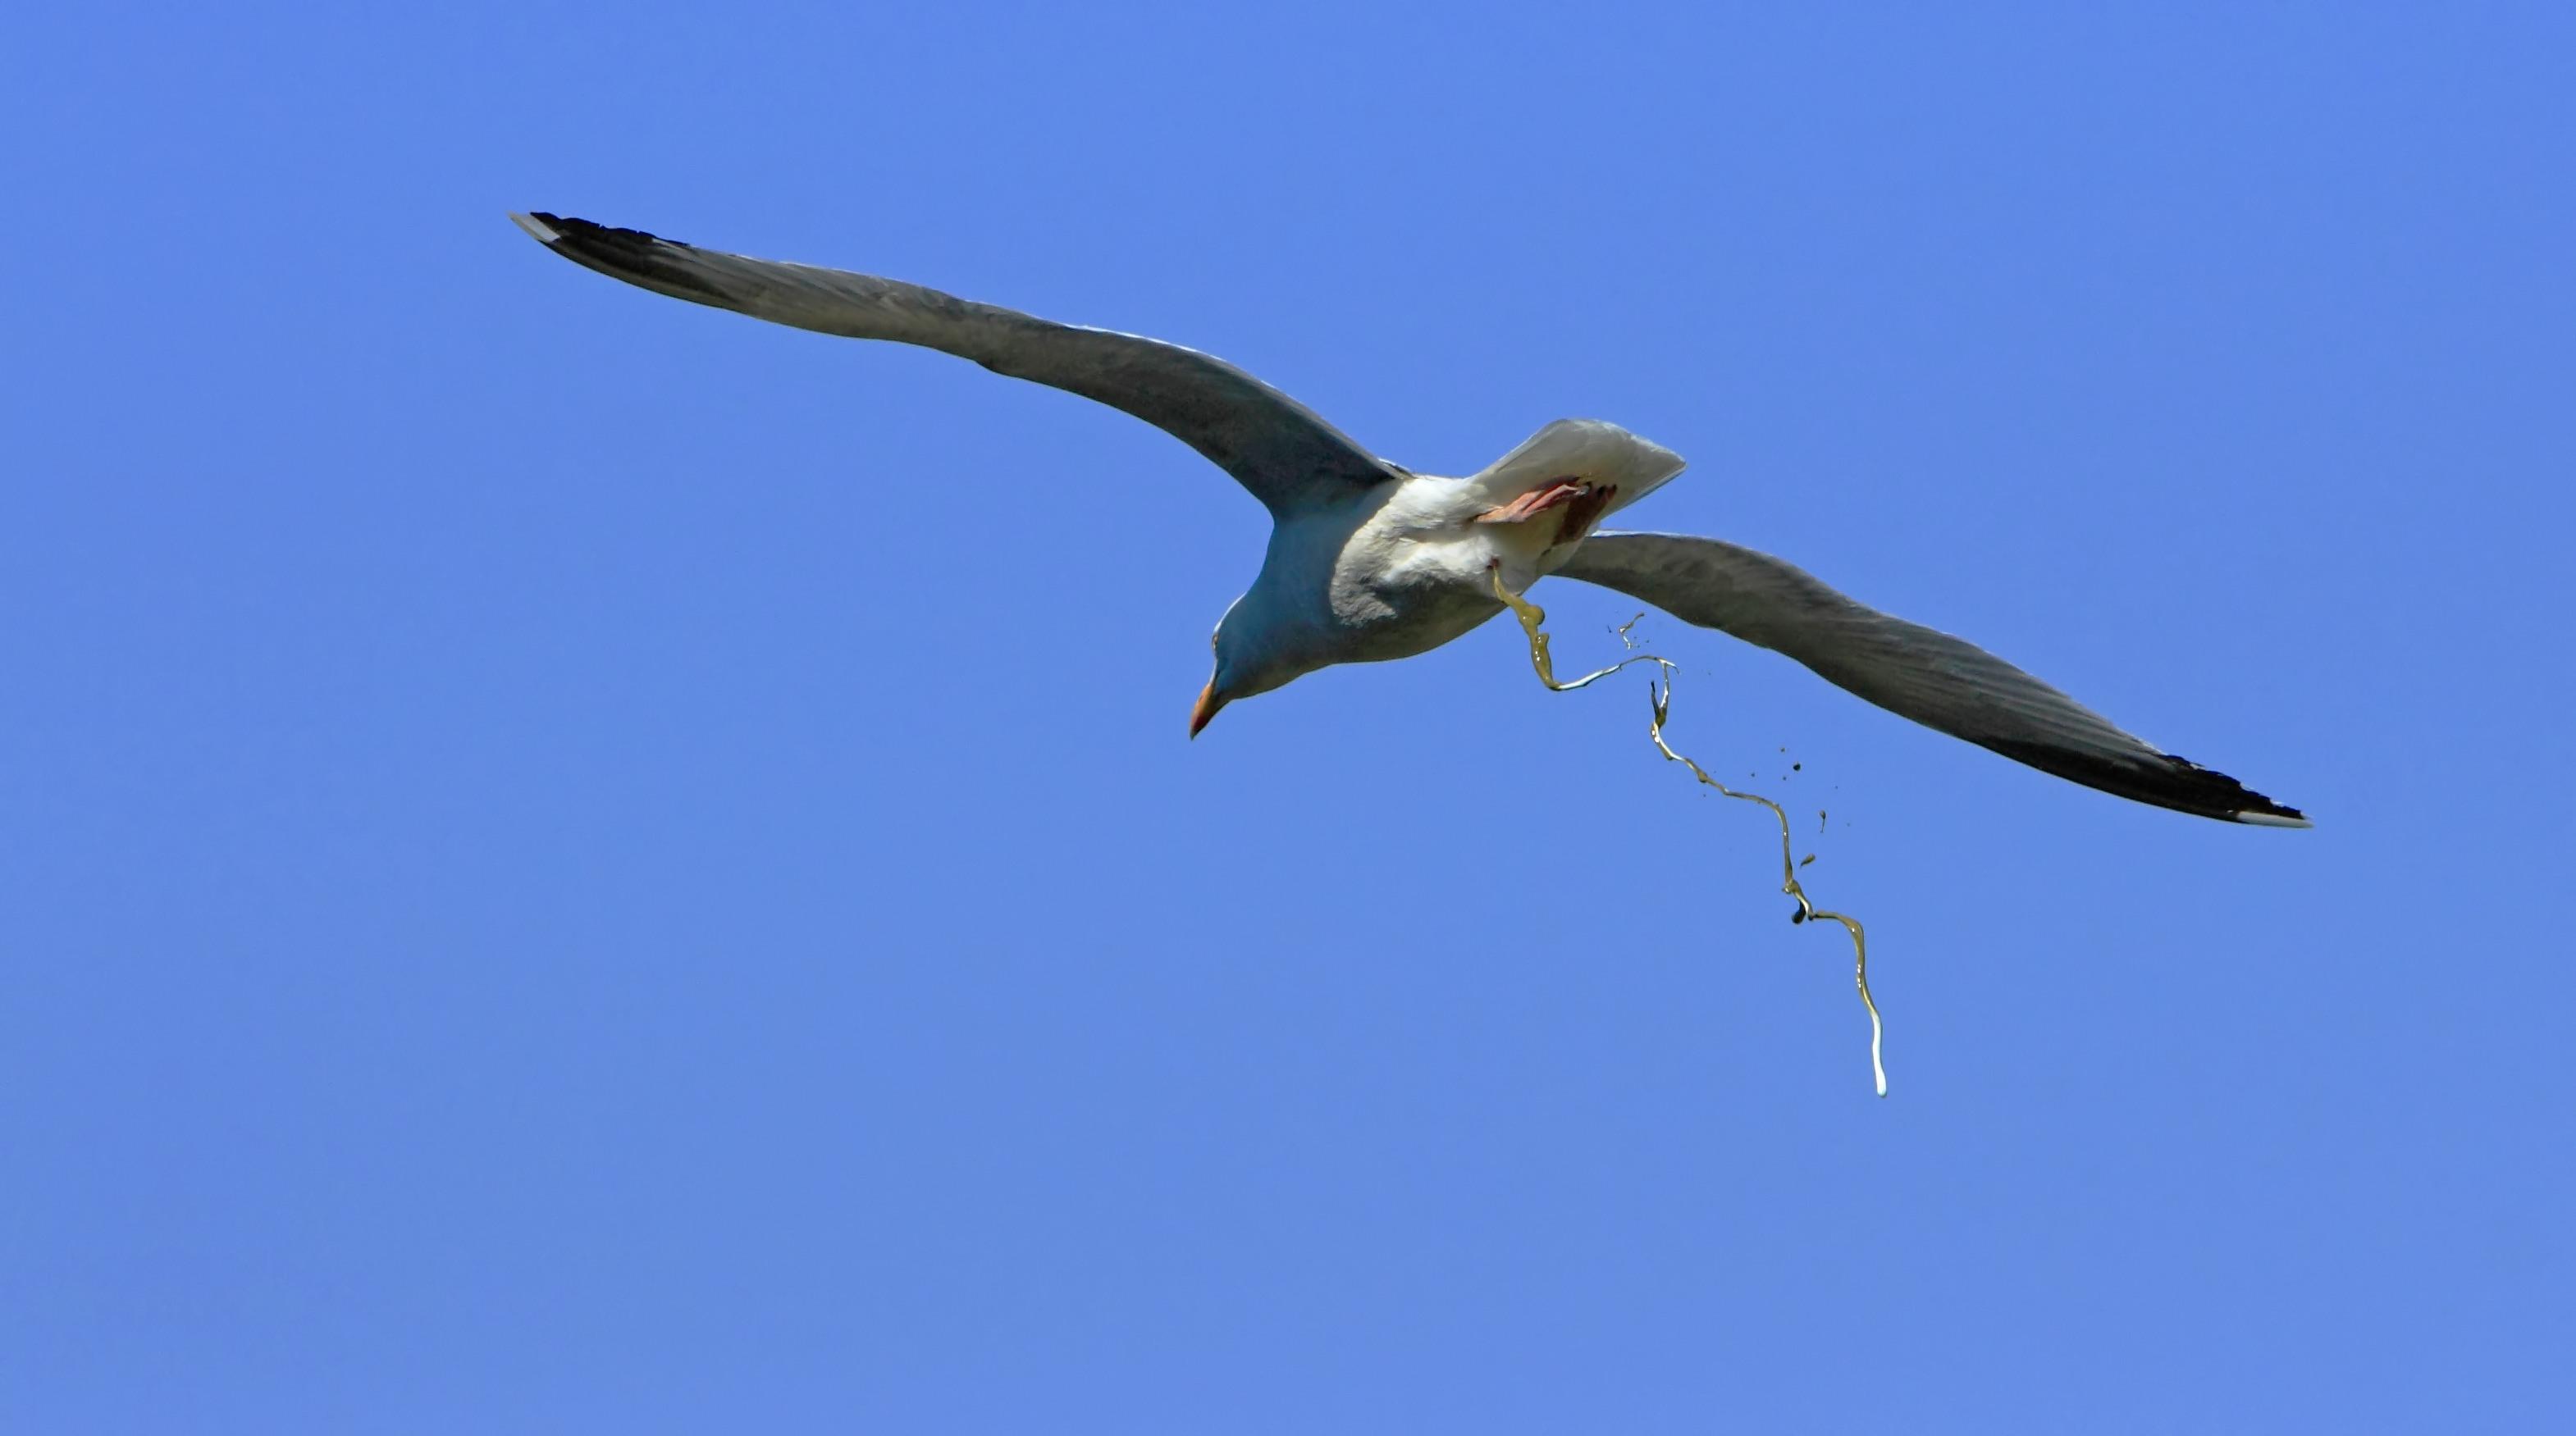 Eine Silbermöwe (Larus argentatus) kotet im Flug nahe Bréhat ab.